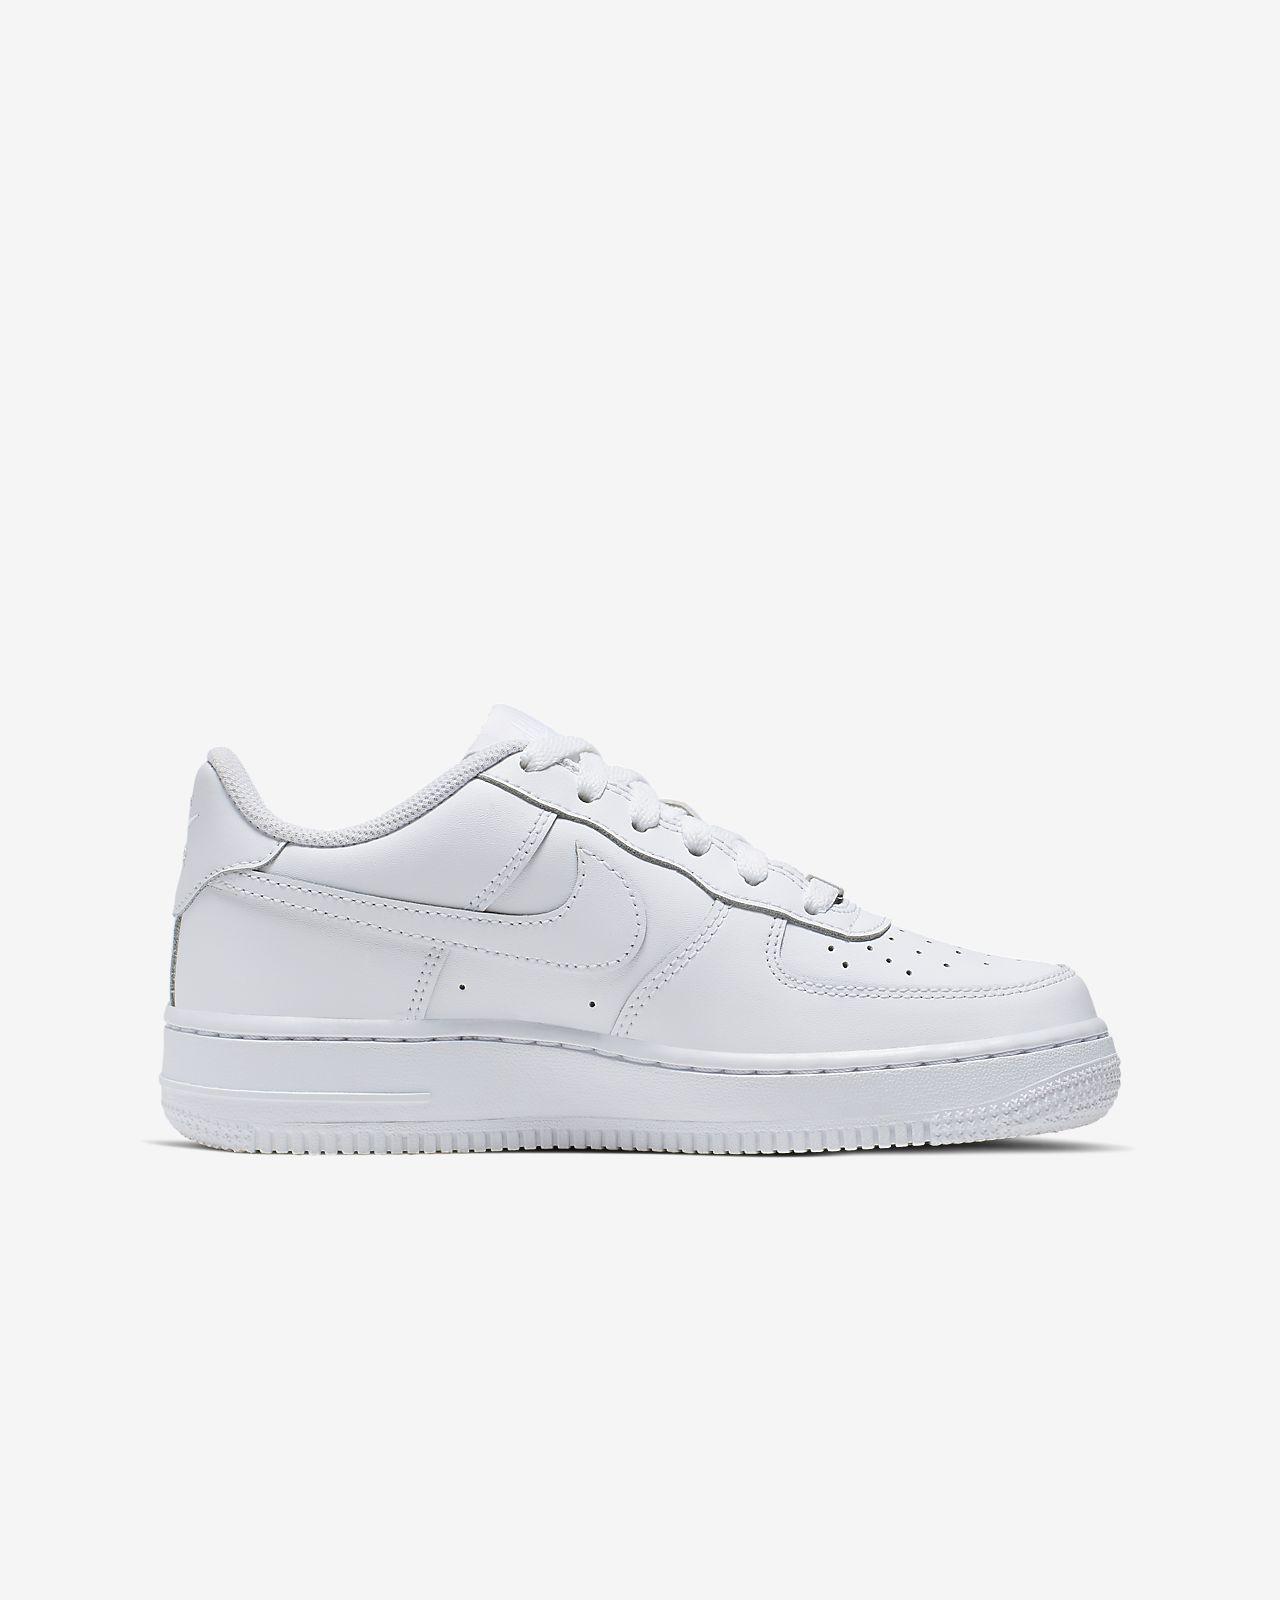 quality design d2aba a682e Chaussures Nike Air Force 1 grises pour bébé NixJjWzyS